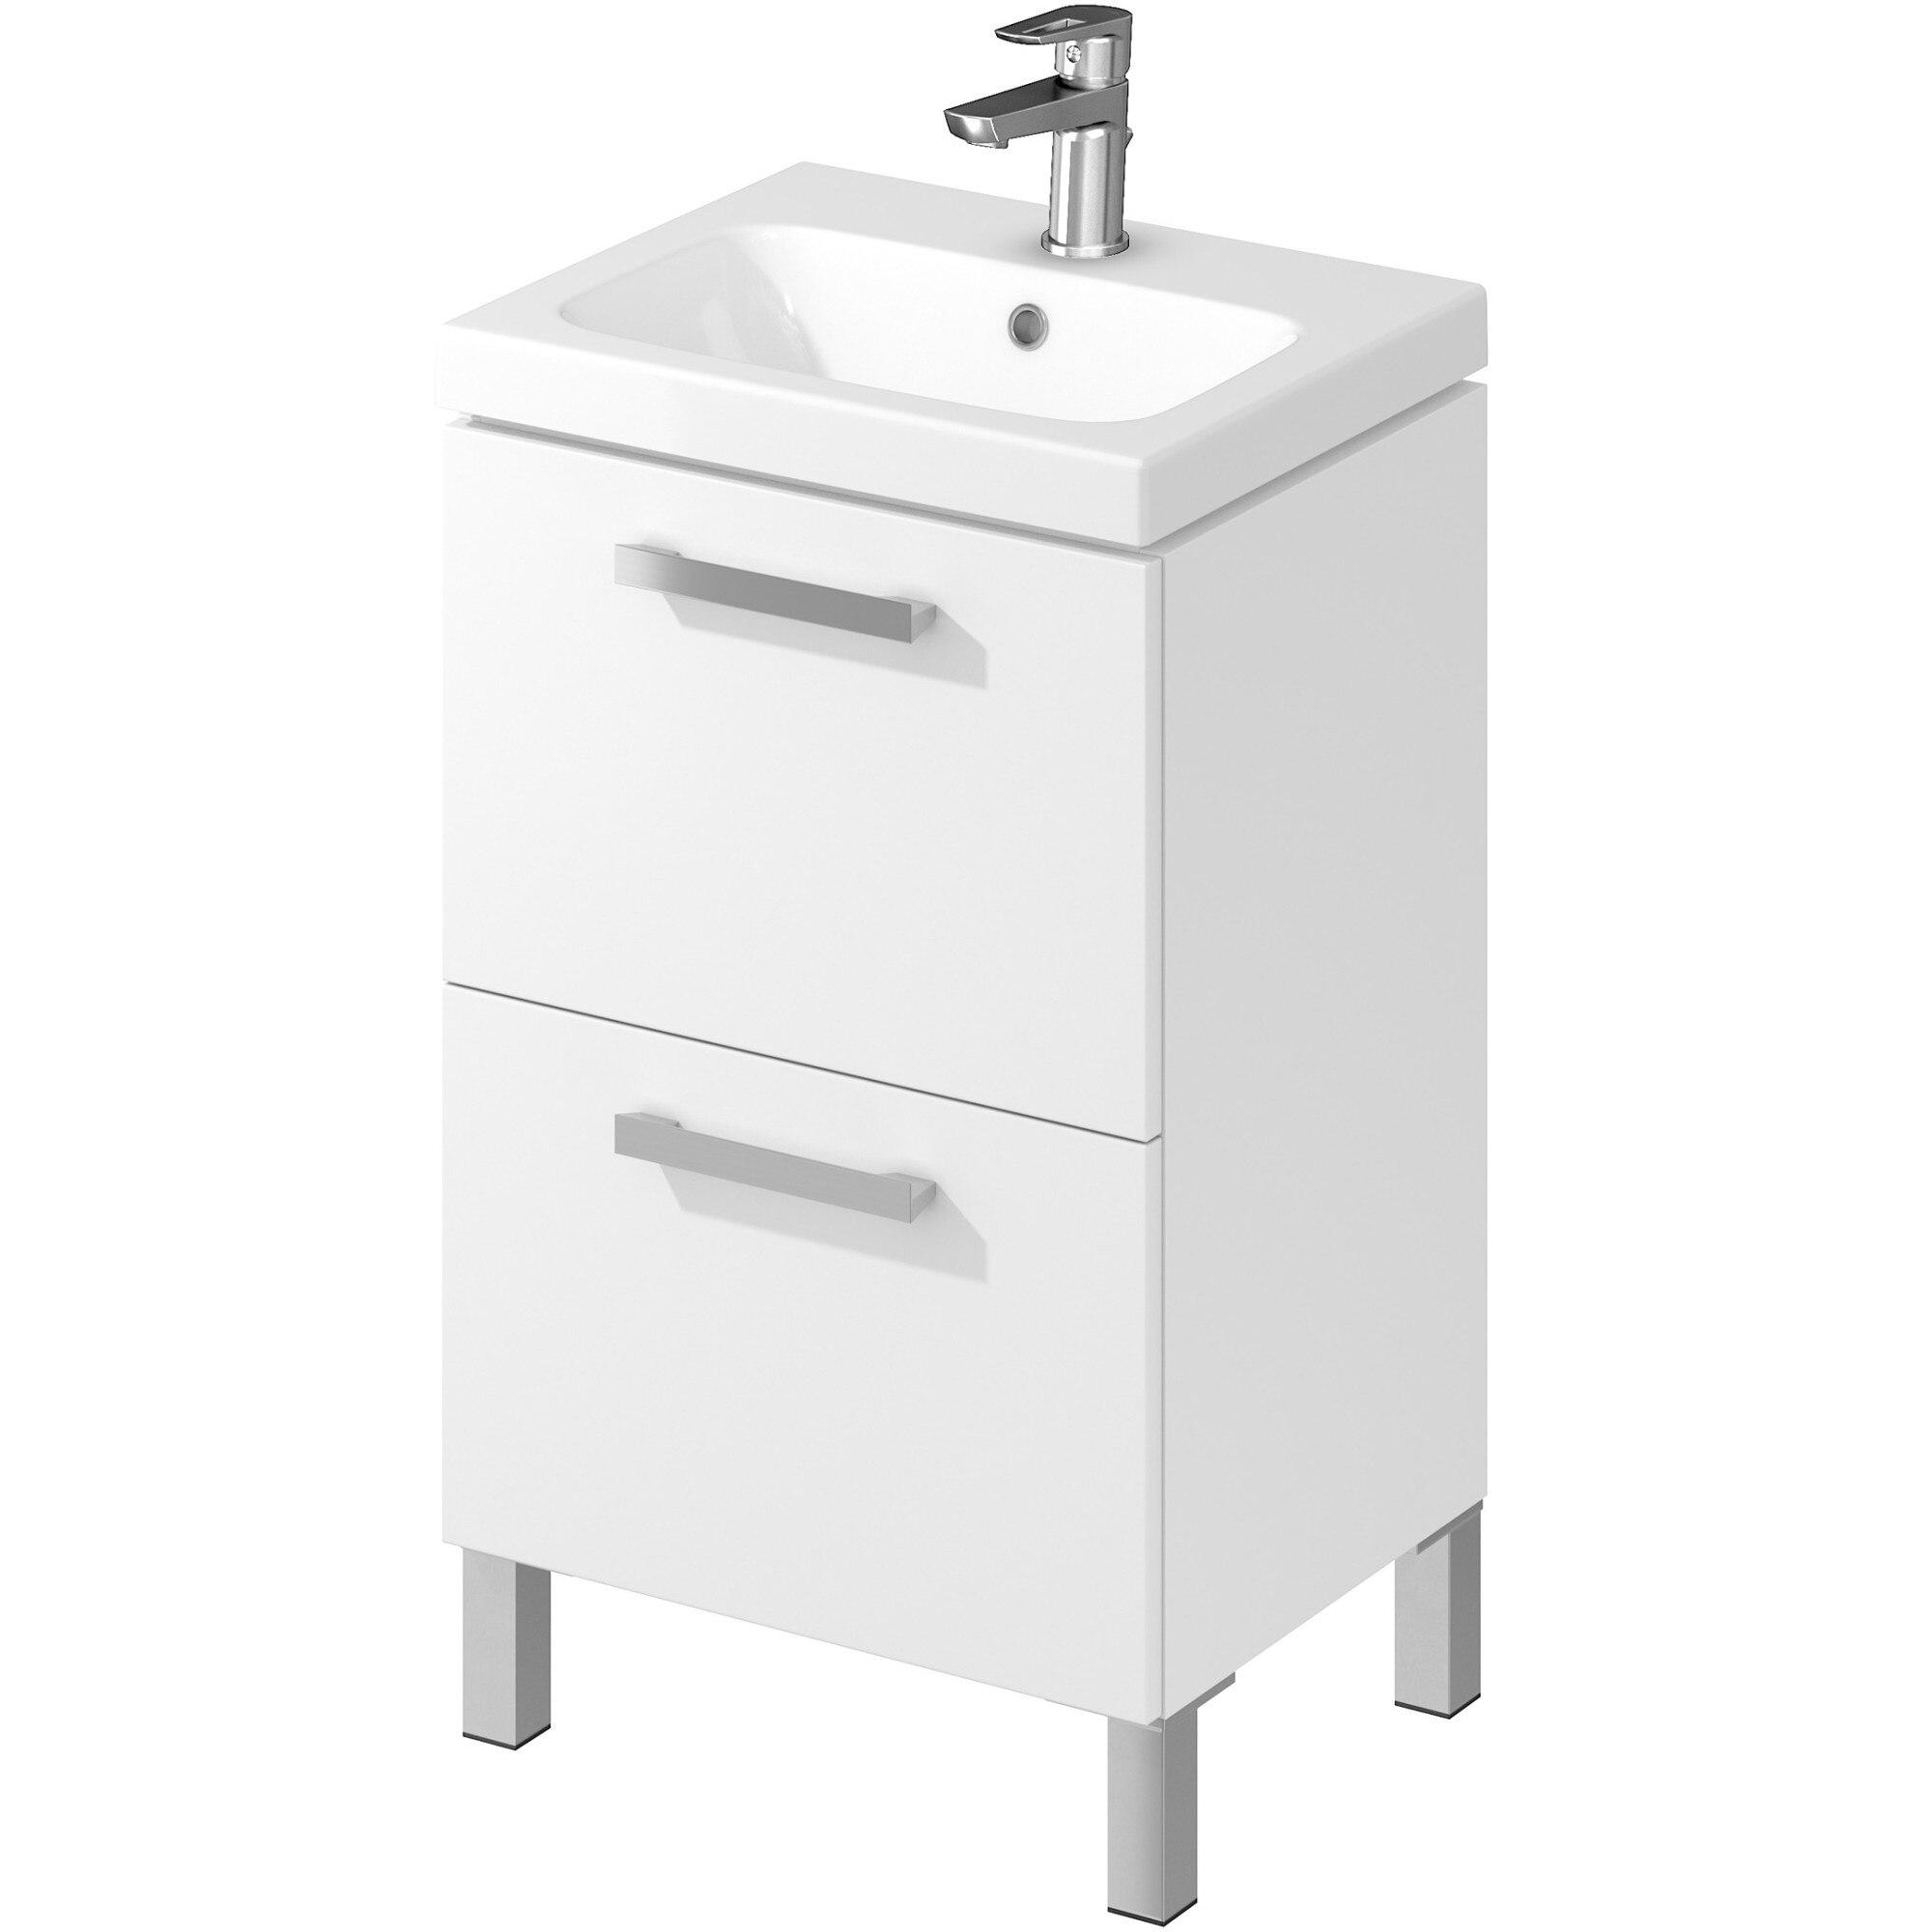 Fotografie Pachet baza mobilier Cersanit Melar RR801-006-DSM + lavoar, 50 cm, inchidere soft, 2 sertare, alb